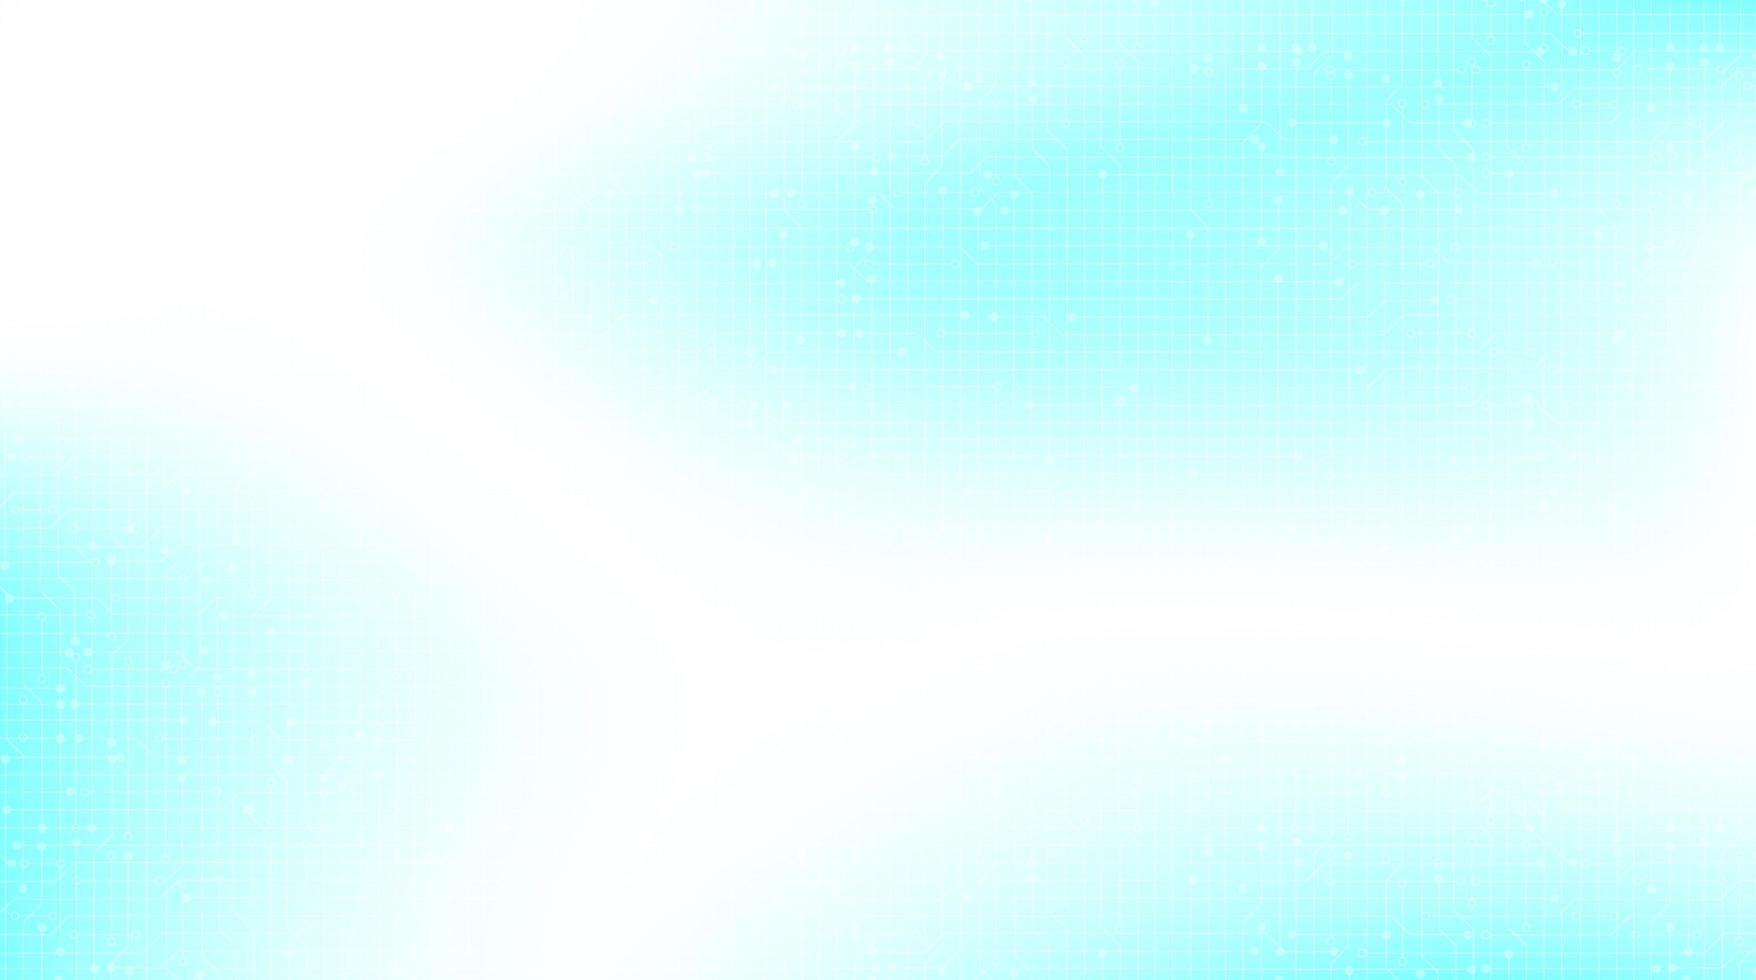 ljusblå teknikbakgrund, högteknologisk digital och säkerhetskonceptdesign, ledigt utrymme för text i put, vektorillustration. vektor